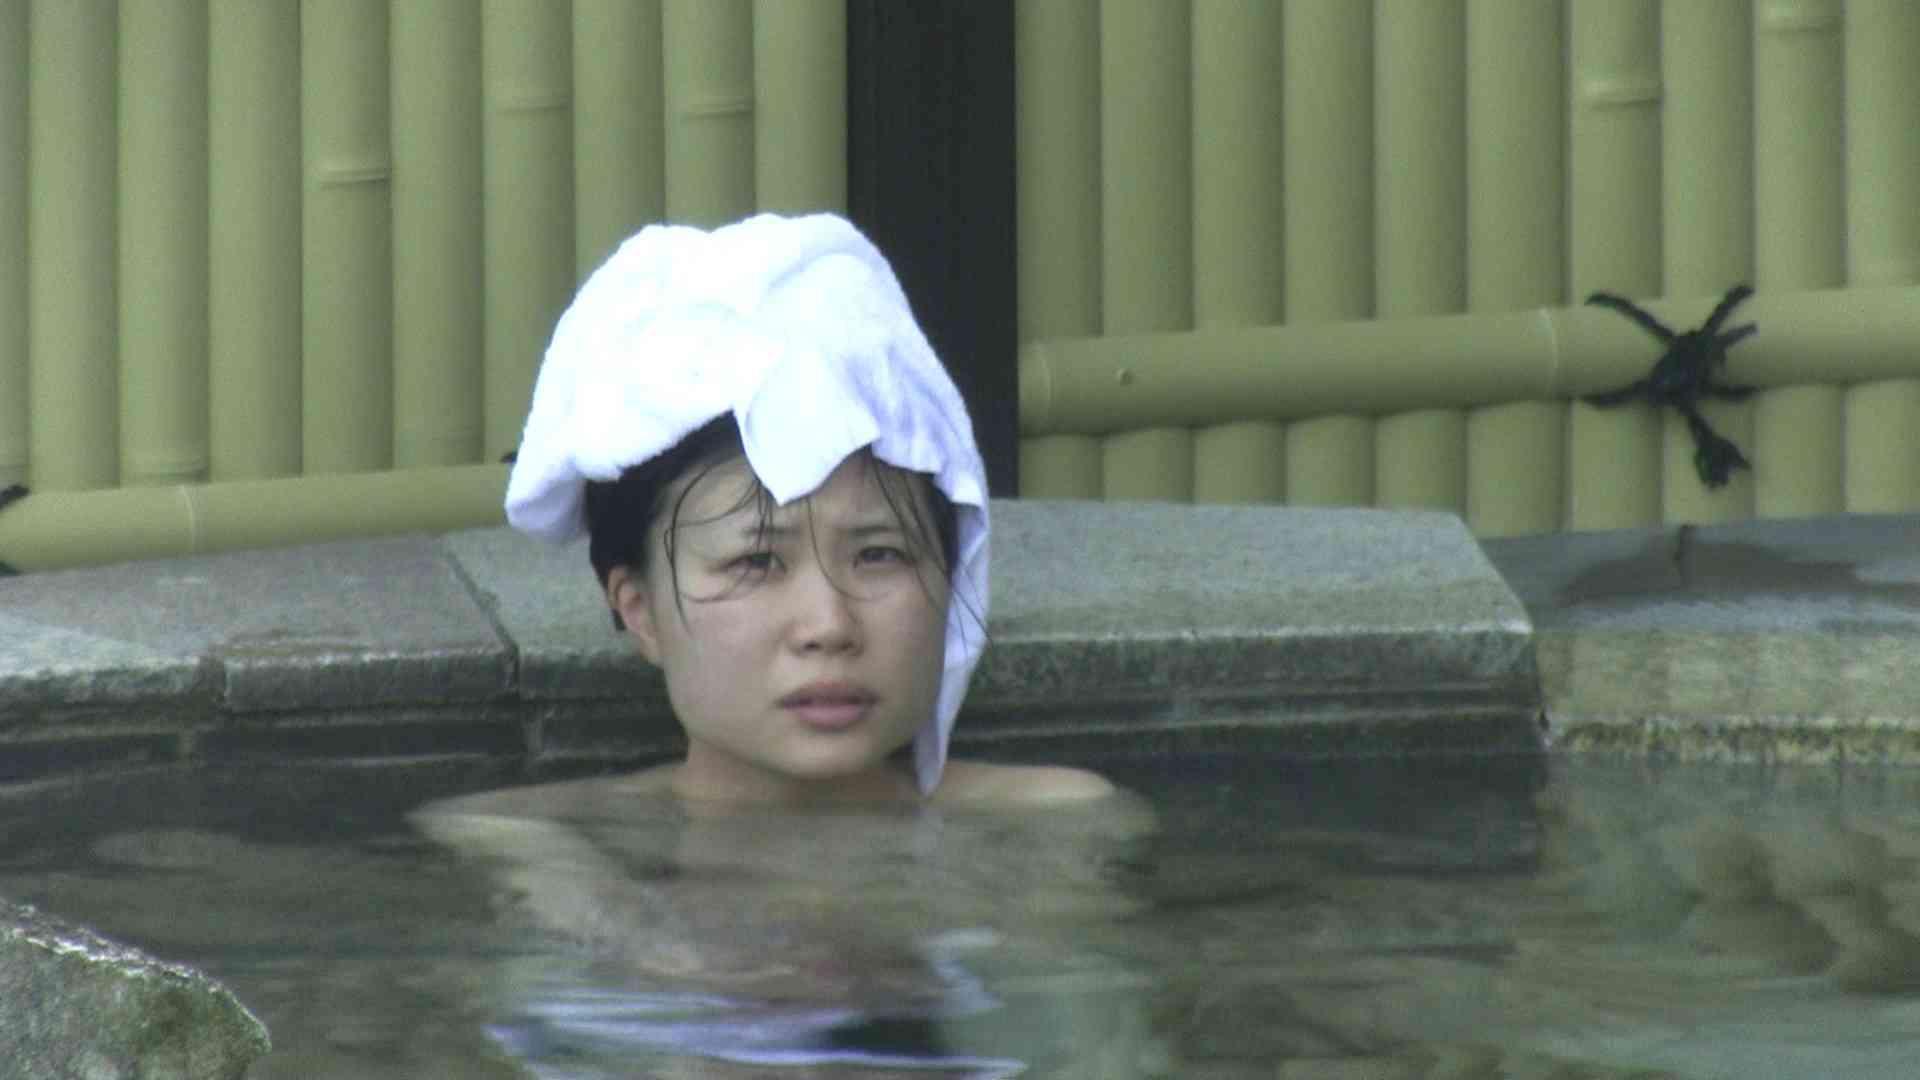 Aquaな露天風呂Vol.183 美しいOLの裸体  105pic 69